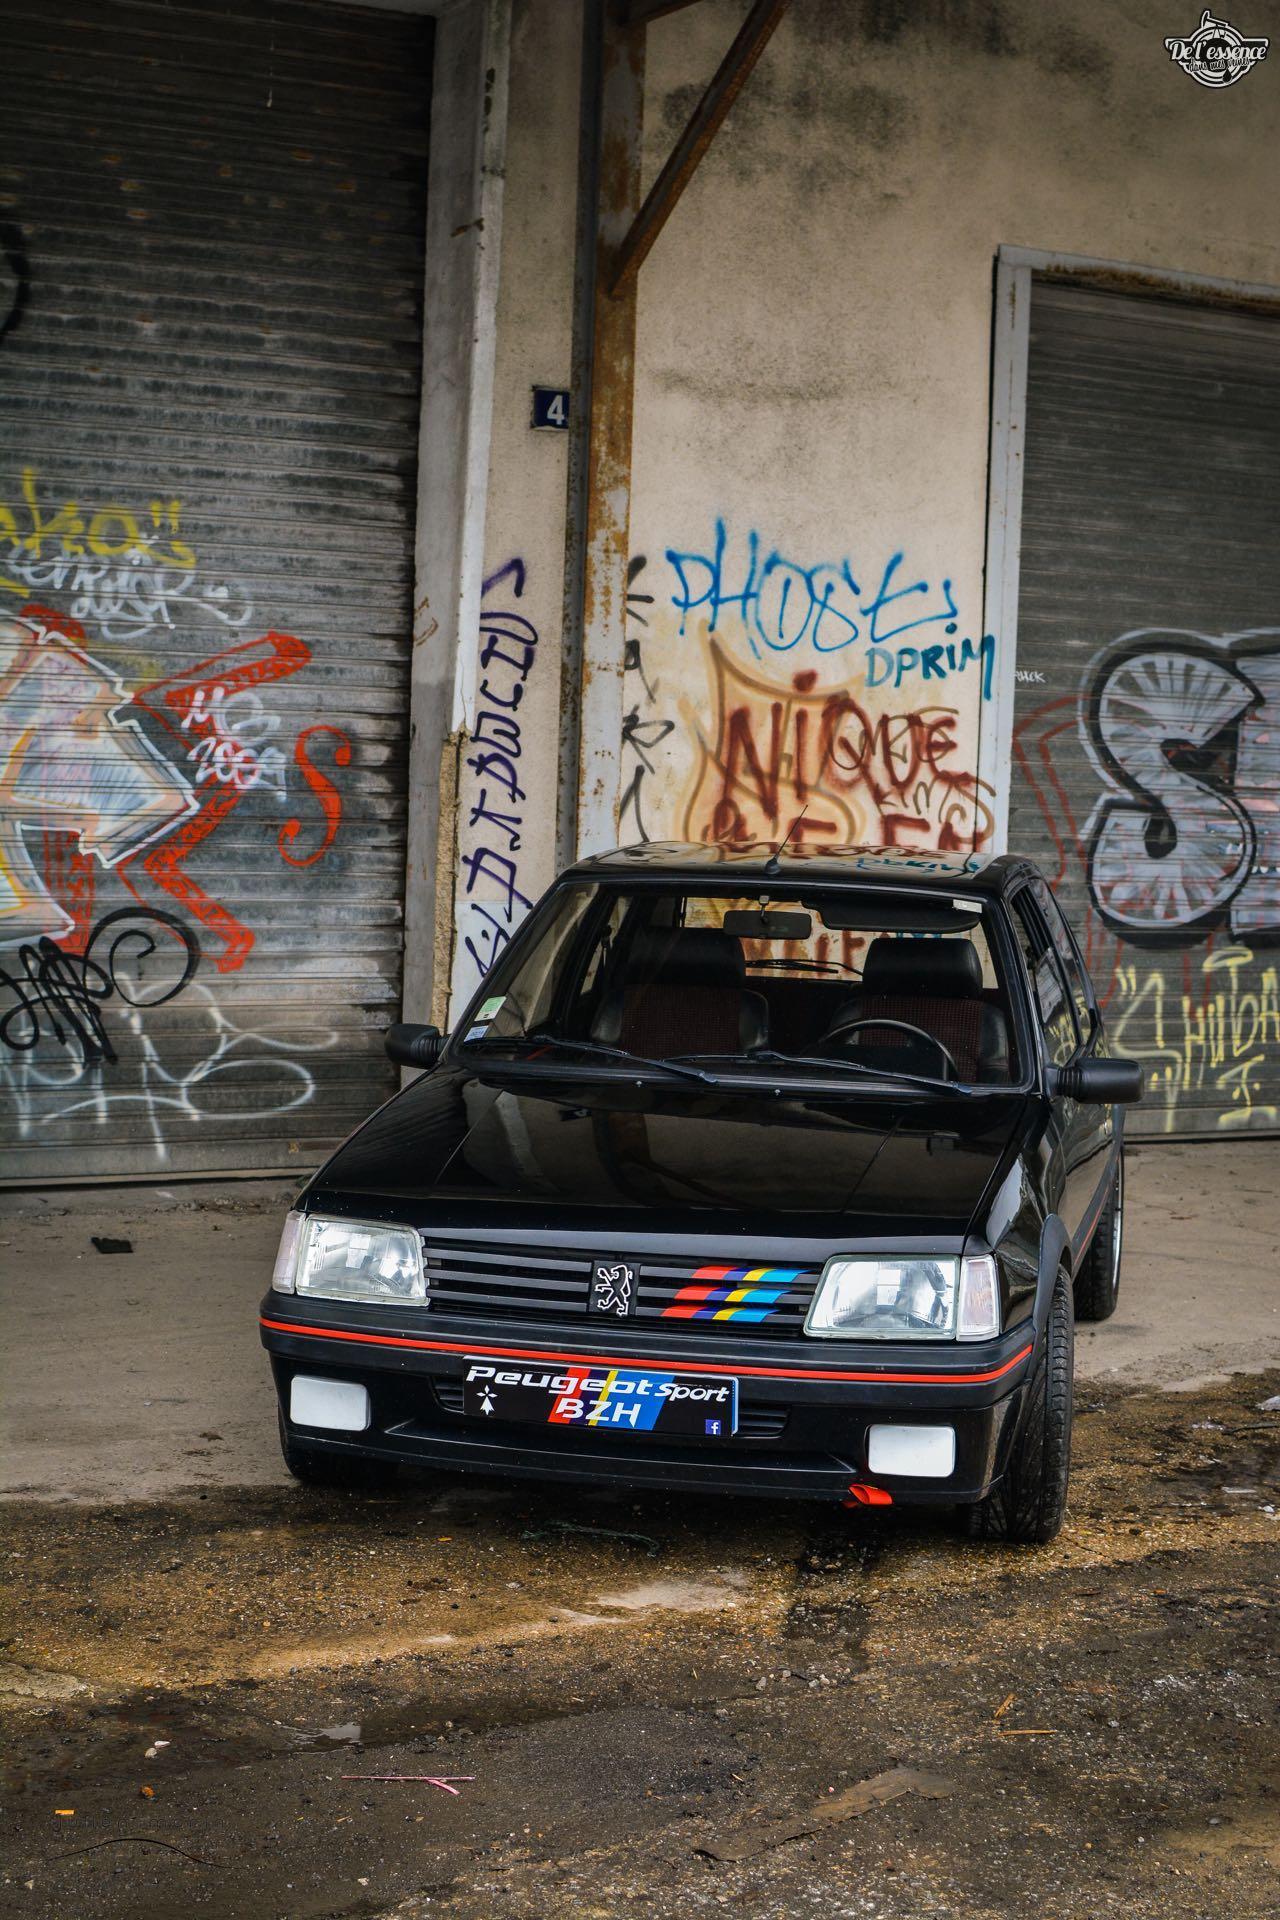 Peugeot 205 Gti de Florent... Le bonheur ? C'est pas compliqué ! 2